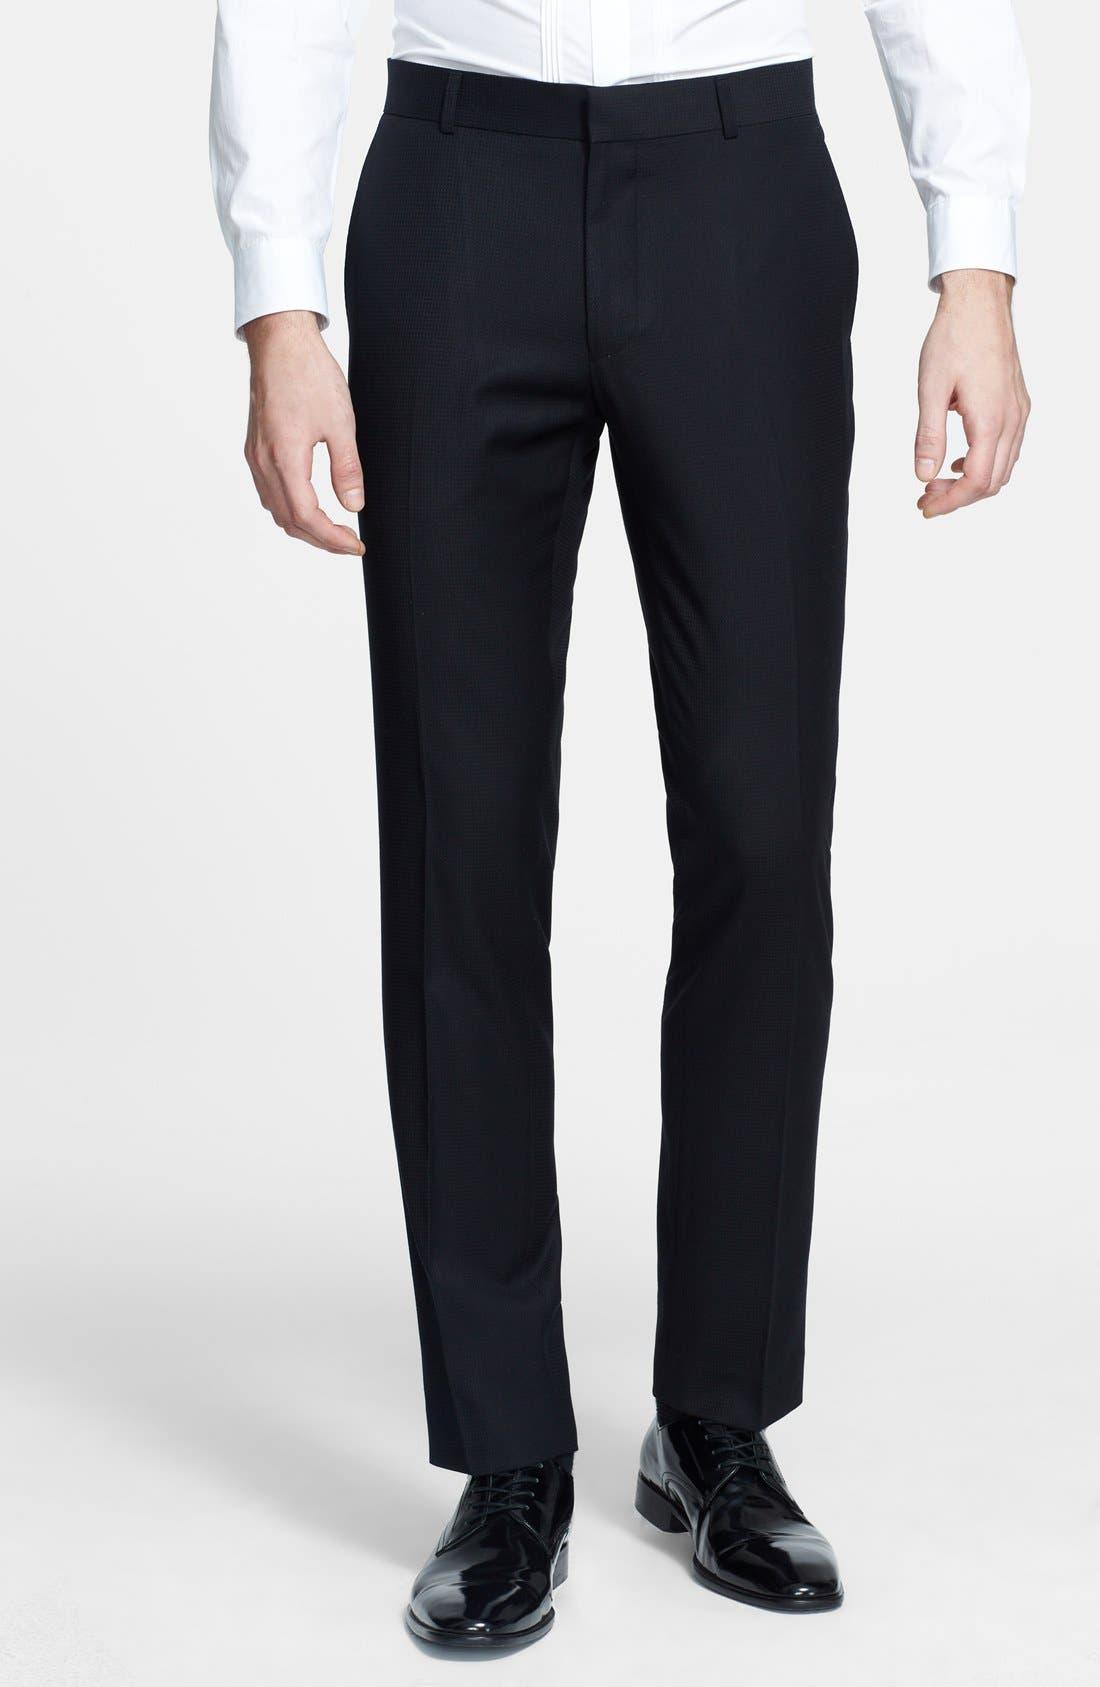 Main Image - Topman Skinny Fit Jacquard Tuxedo Trousers